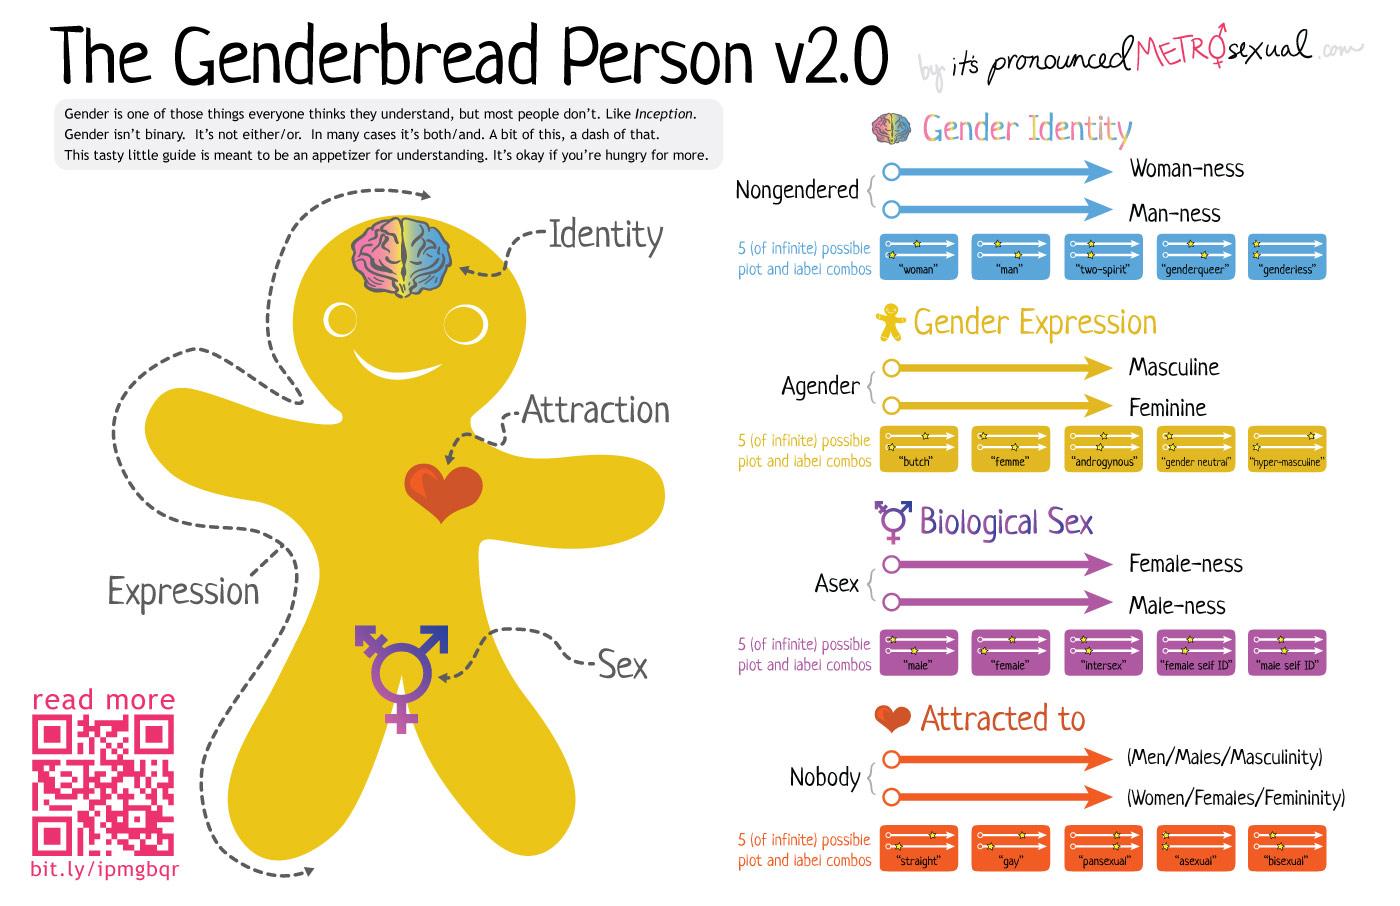 The Feminist Agenda: The Genderbread Person